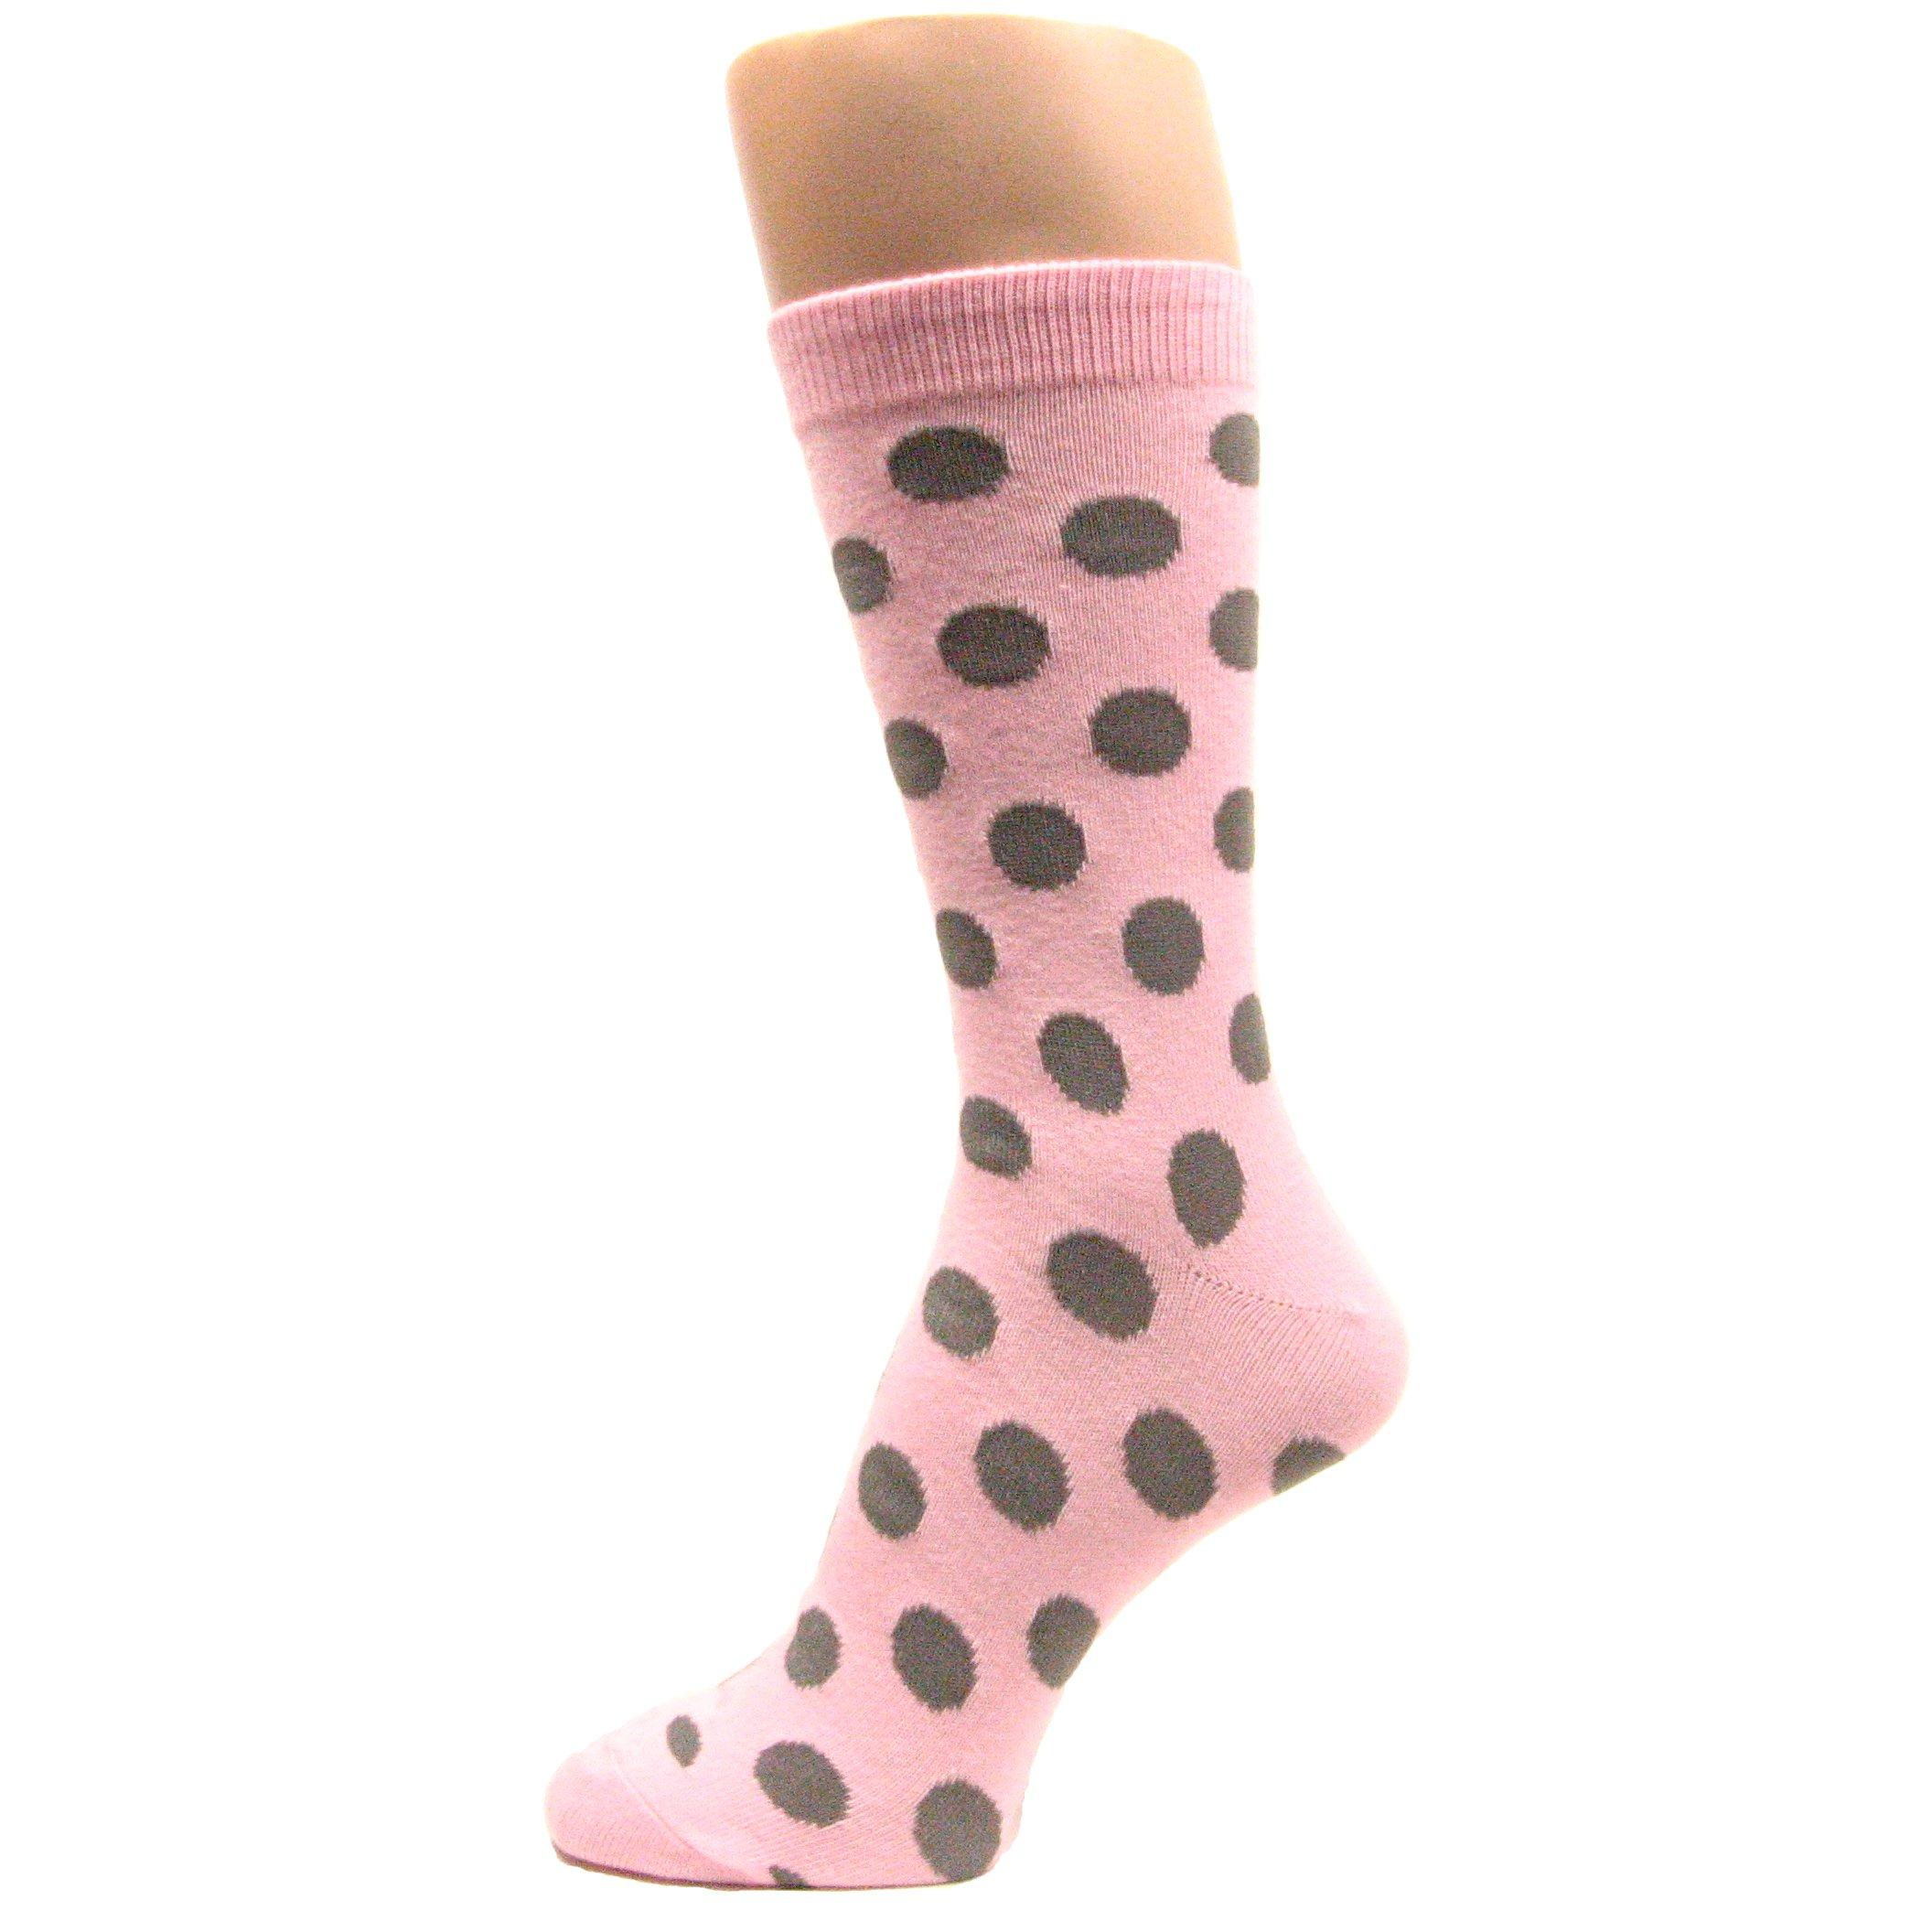 Spotlight Hosiery Men's Groomsmen Wedding Polka Dots Dress Socks-Light Pink/Gray